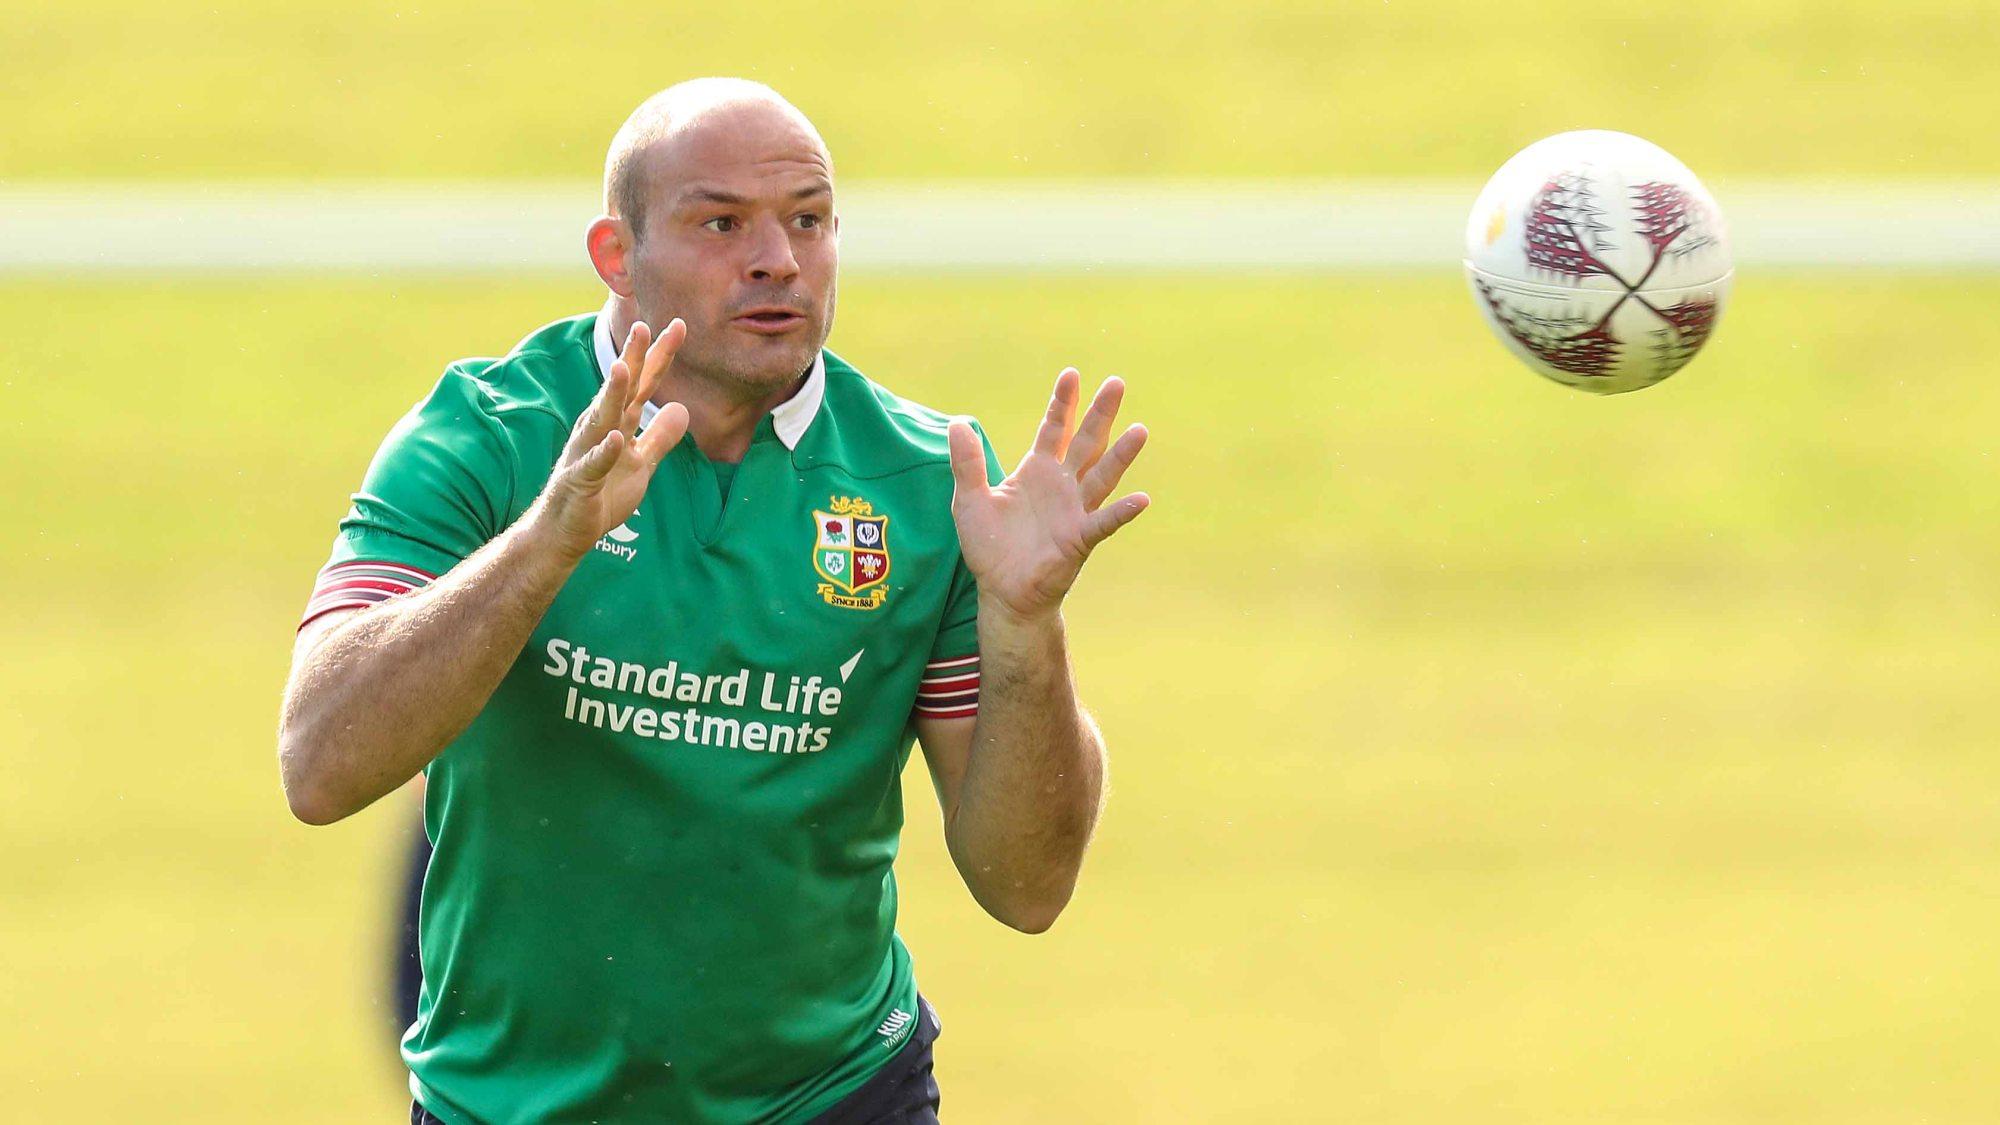 Best to captain British & Irish Lions against Chiefs - British & Irish Lions